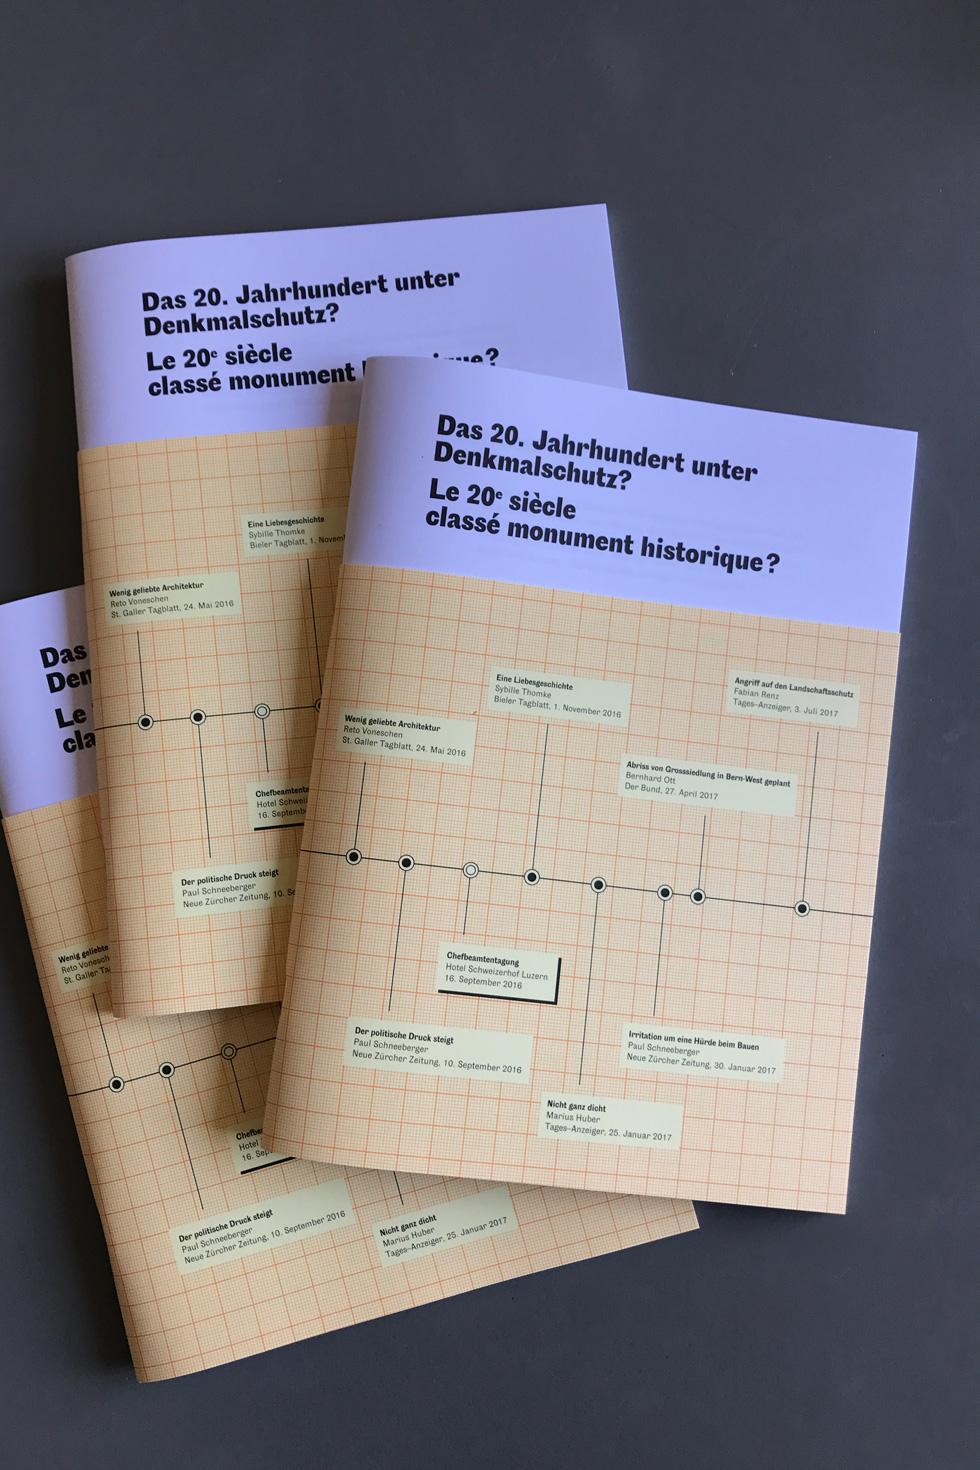 Denk Architekten Leipzig kessel züger